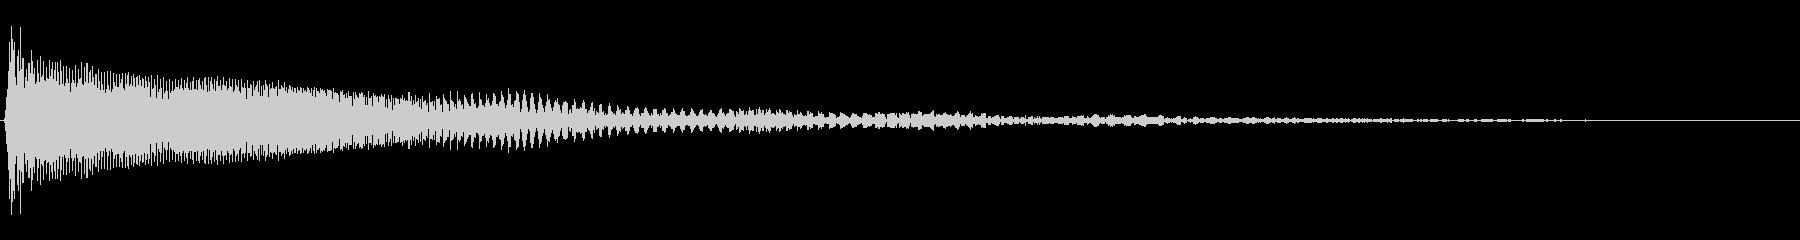 METALLIC STRING P...の未再生の波形